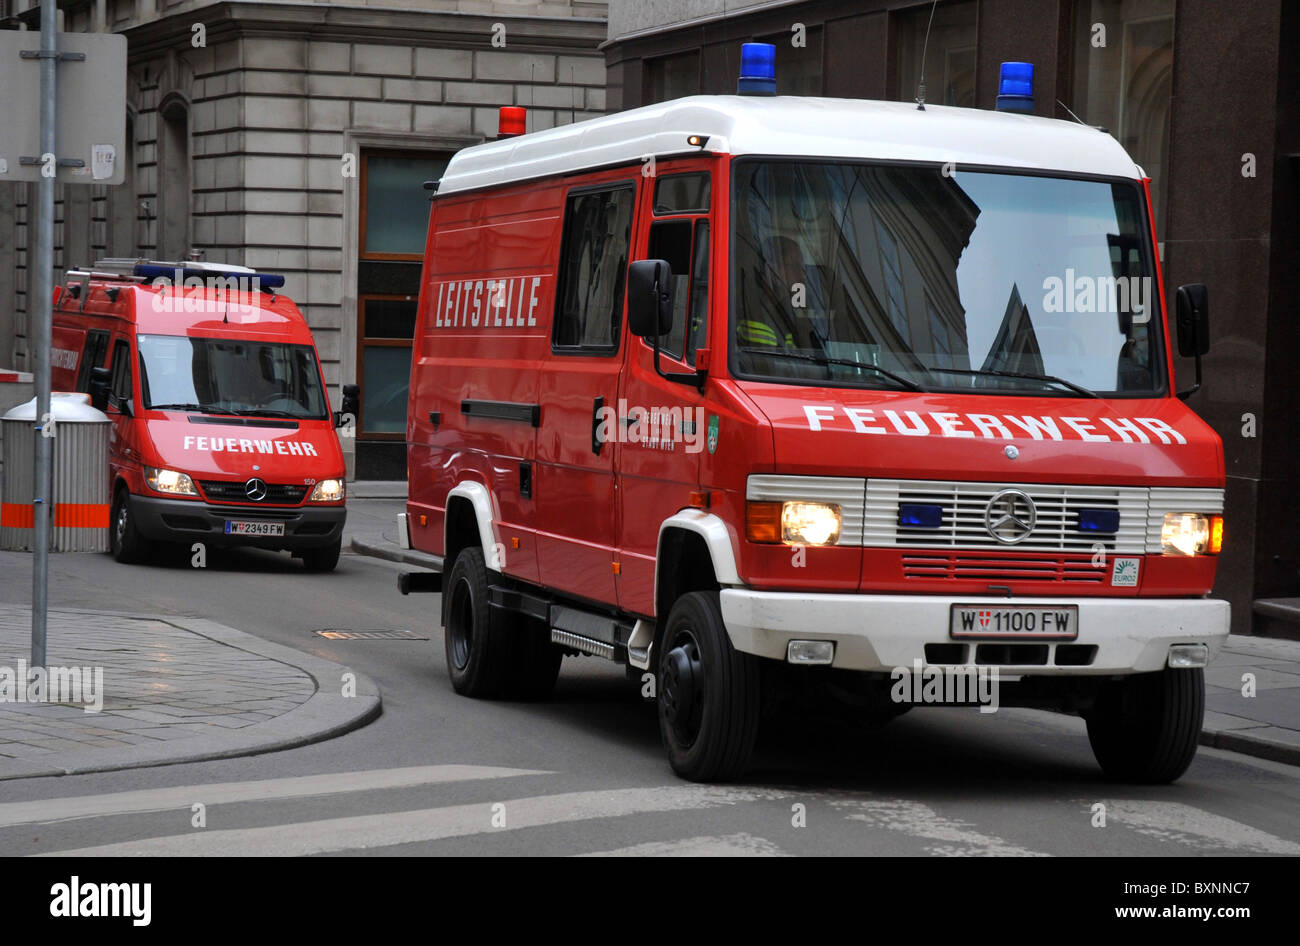 Vehículos de emergencia de incendios, Viena. Austria, Europa Imagen De Stock